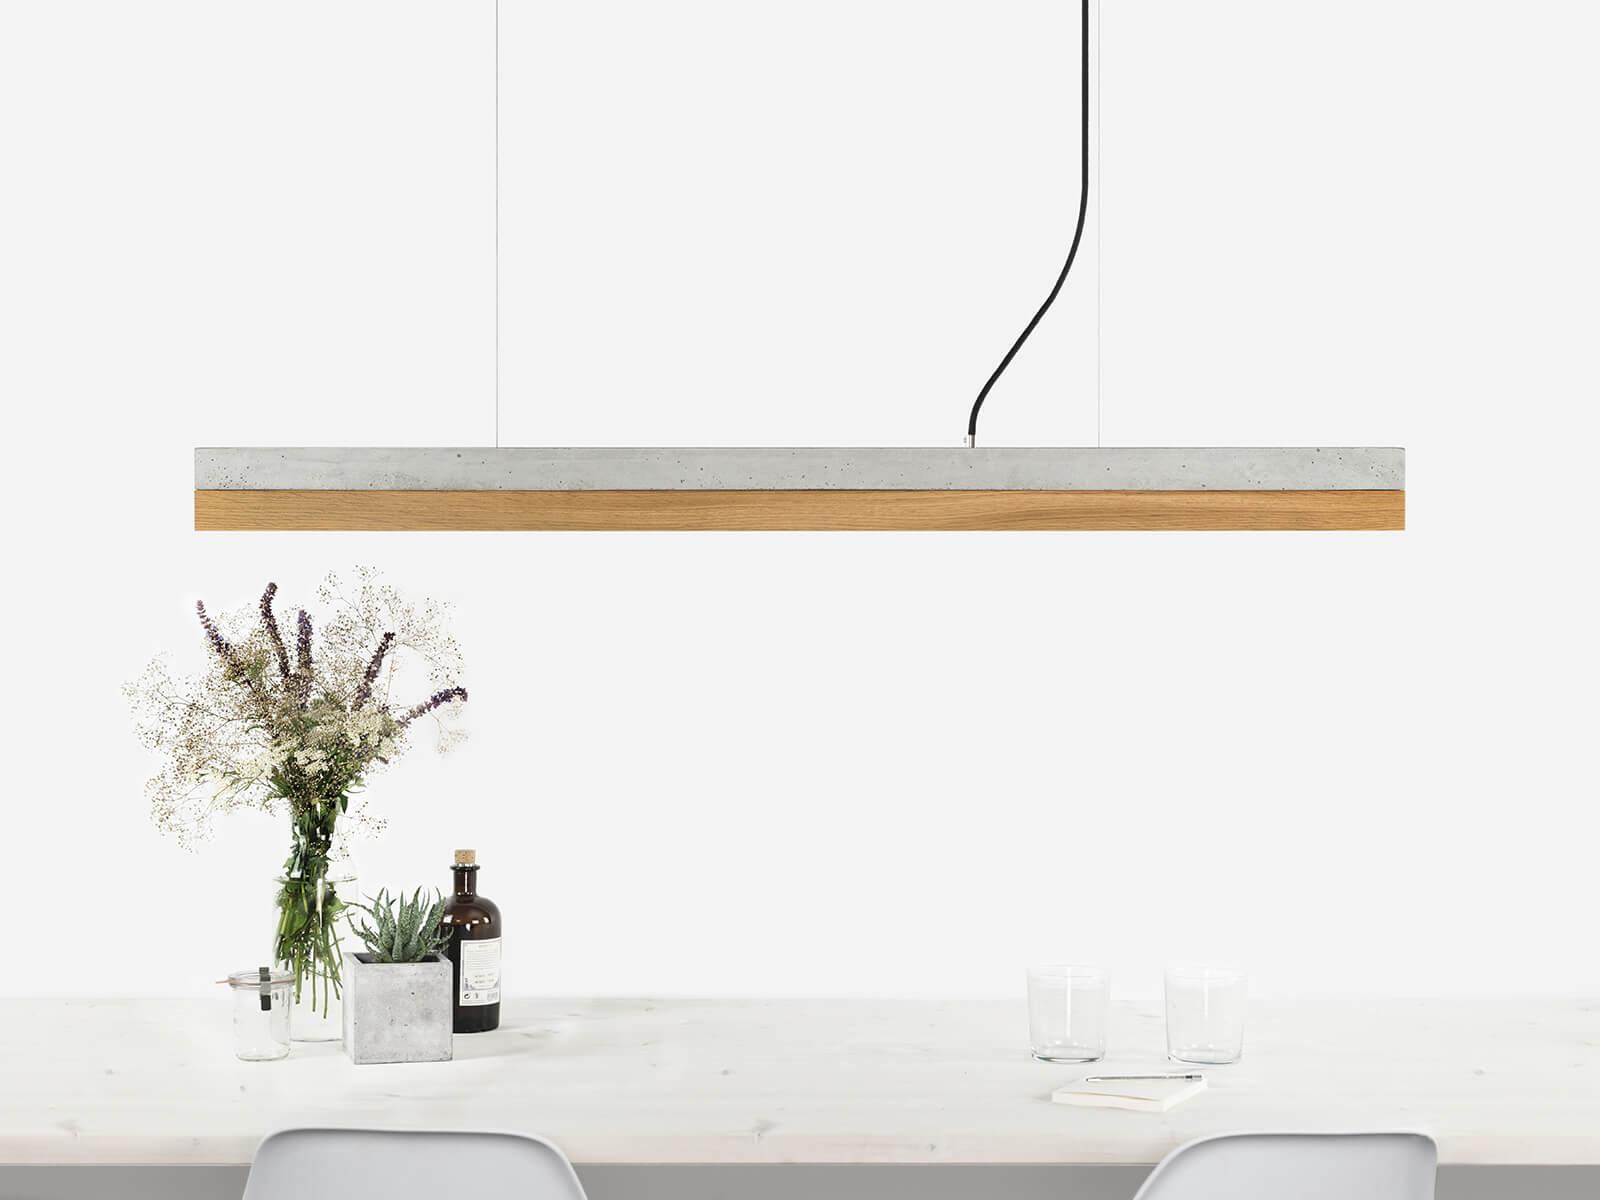 090916 C1 Beton hell Eichenholz Lampe ansicht über Tisch